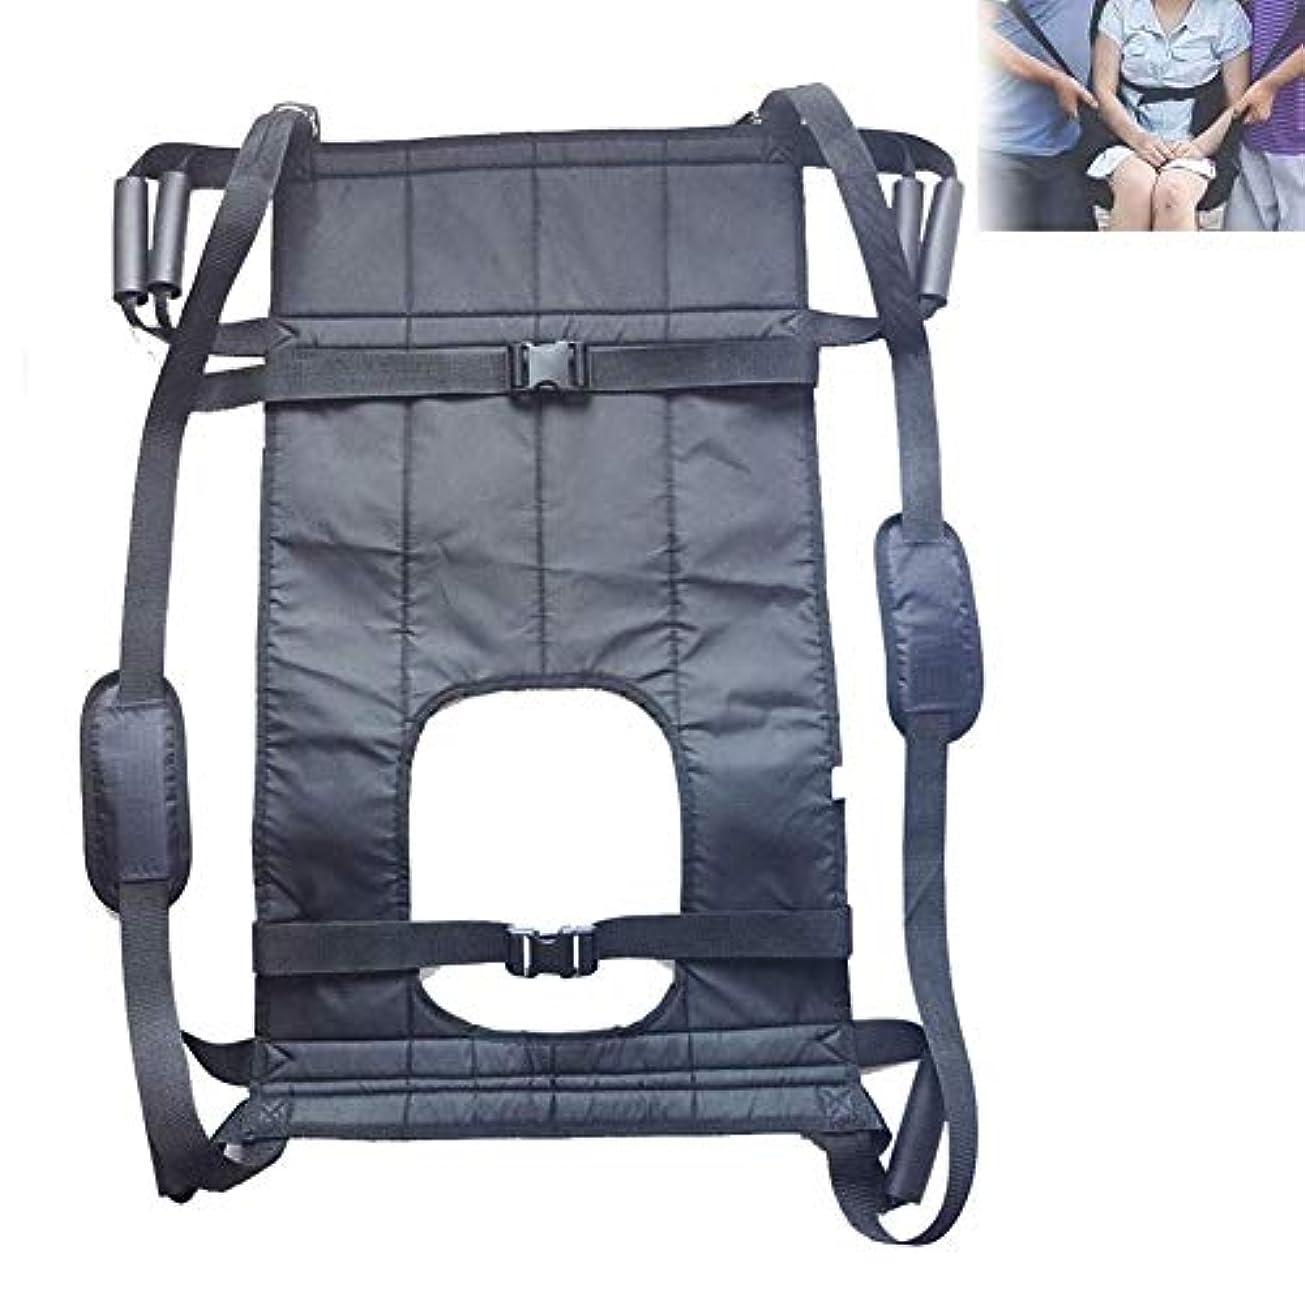 バイナリリーン世界患者用補助具パッド付き車椅子用シートベルトハンドル付きベルト、寝たきり老人介護、便器患者用のトランスファーシートパッド,Canlieflat